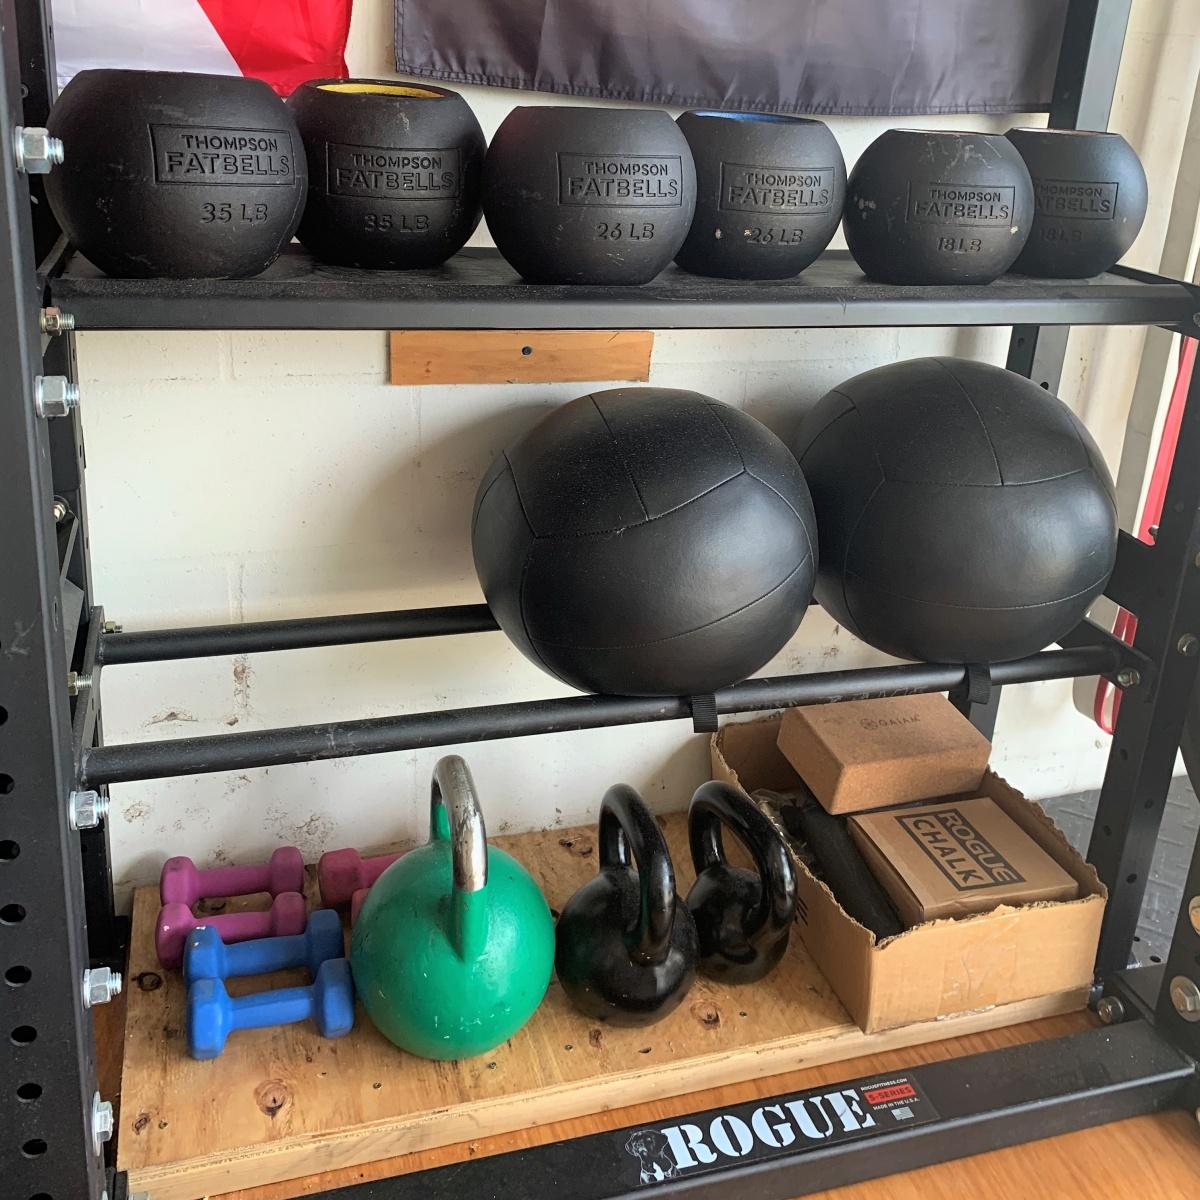 FatBells and medicine balls